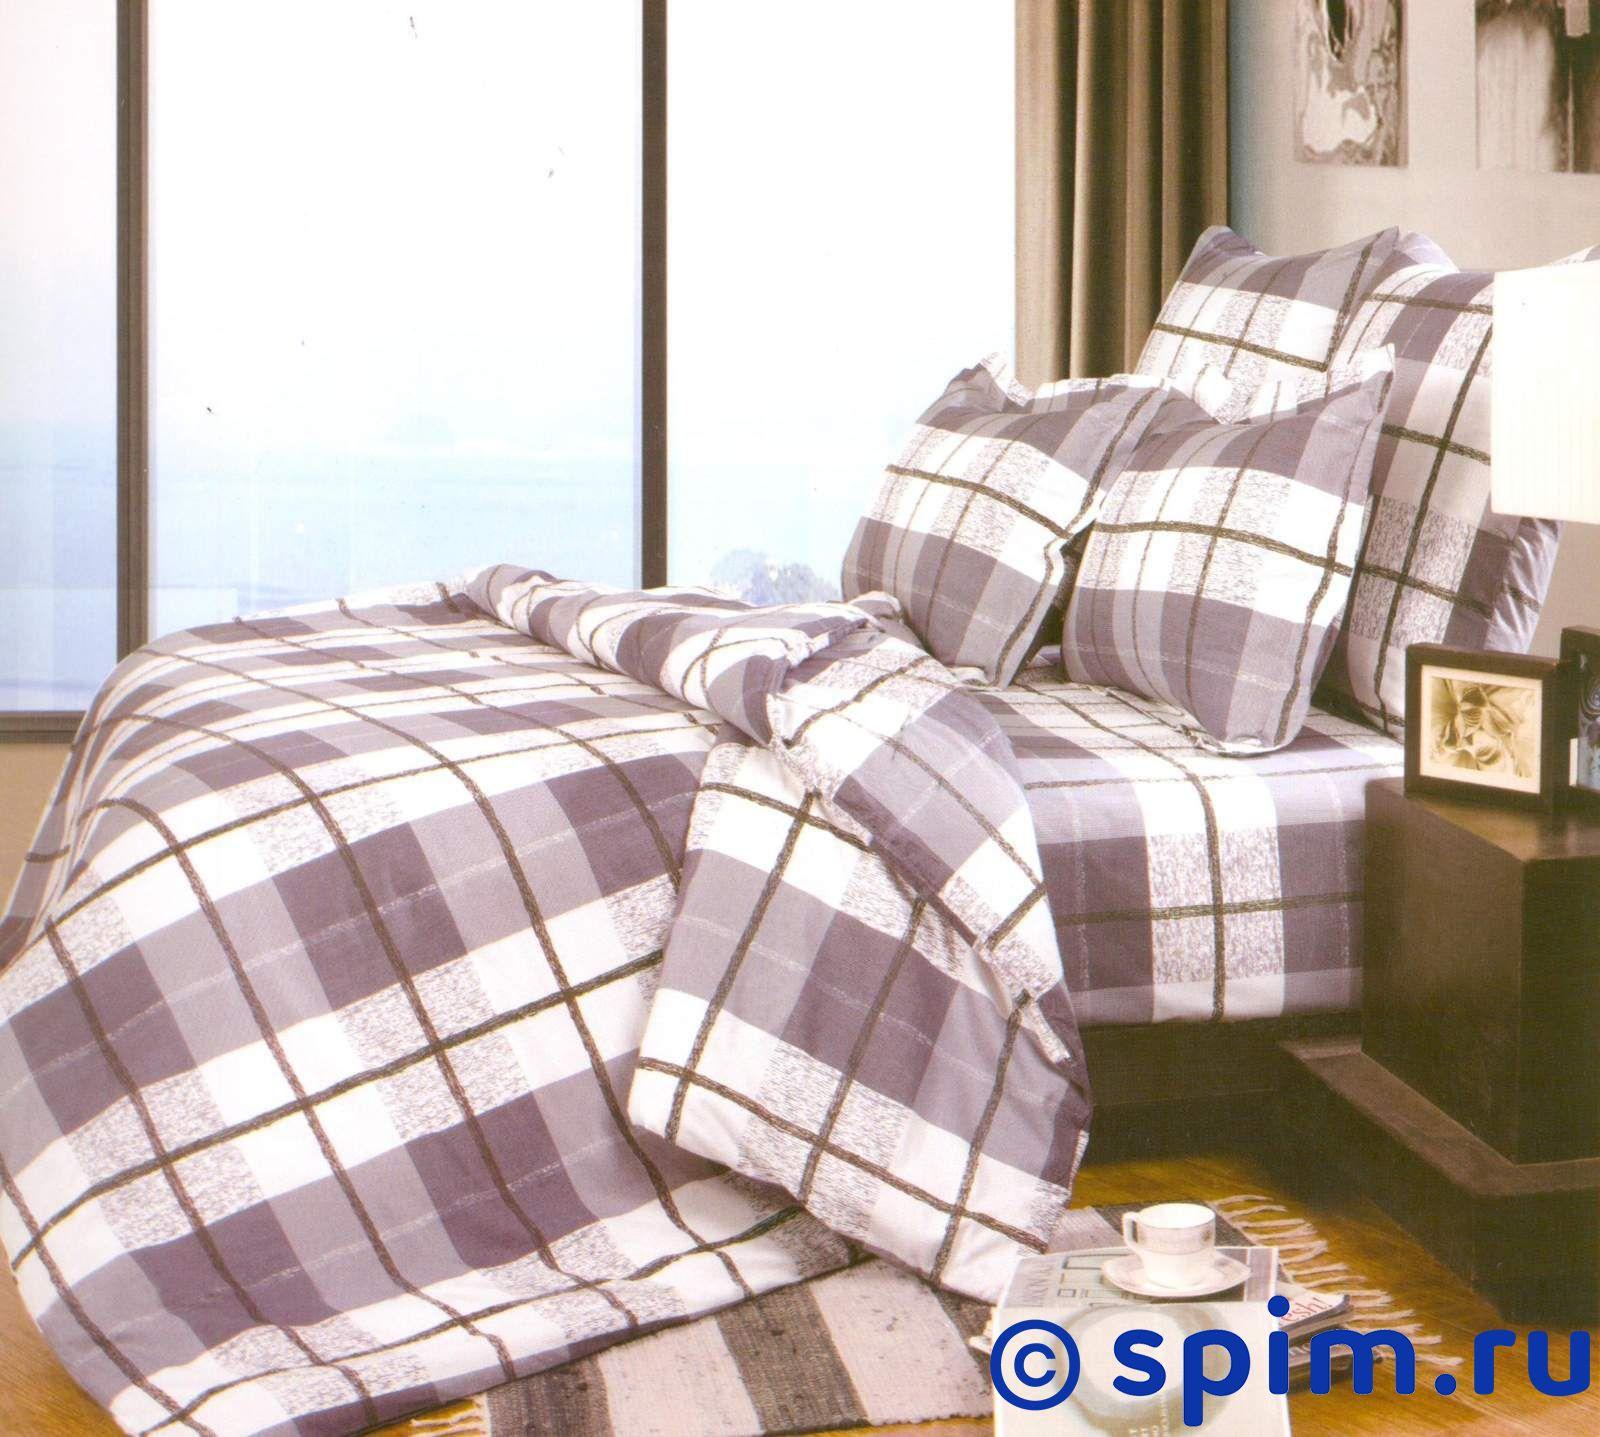 Комплект СайлиД А139 1.5 спальное